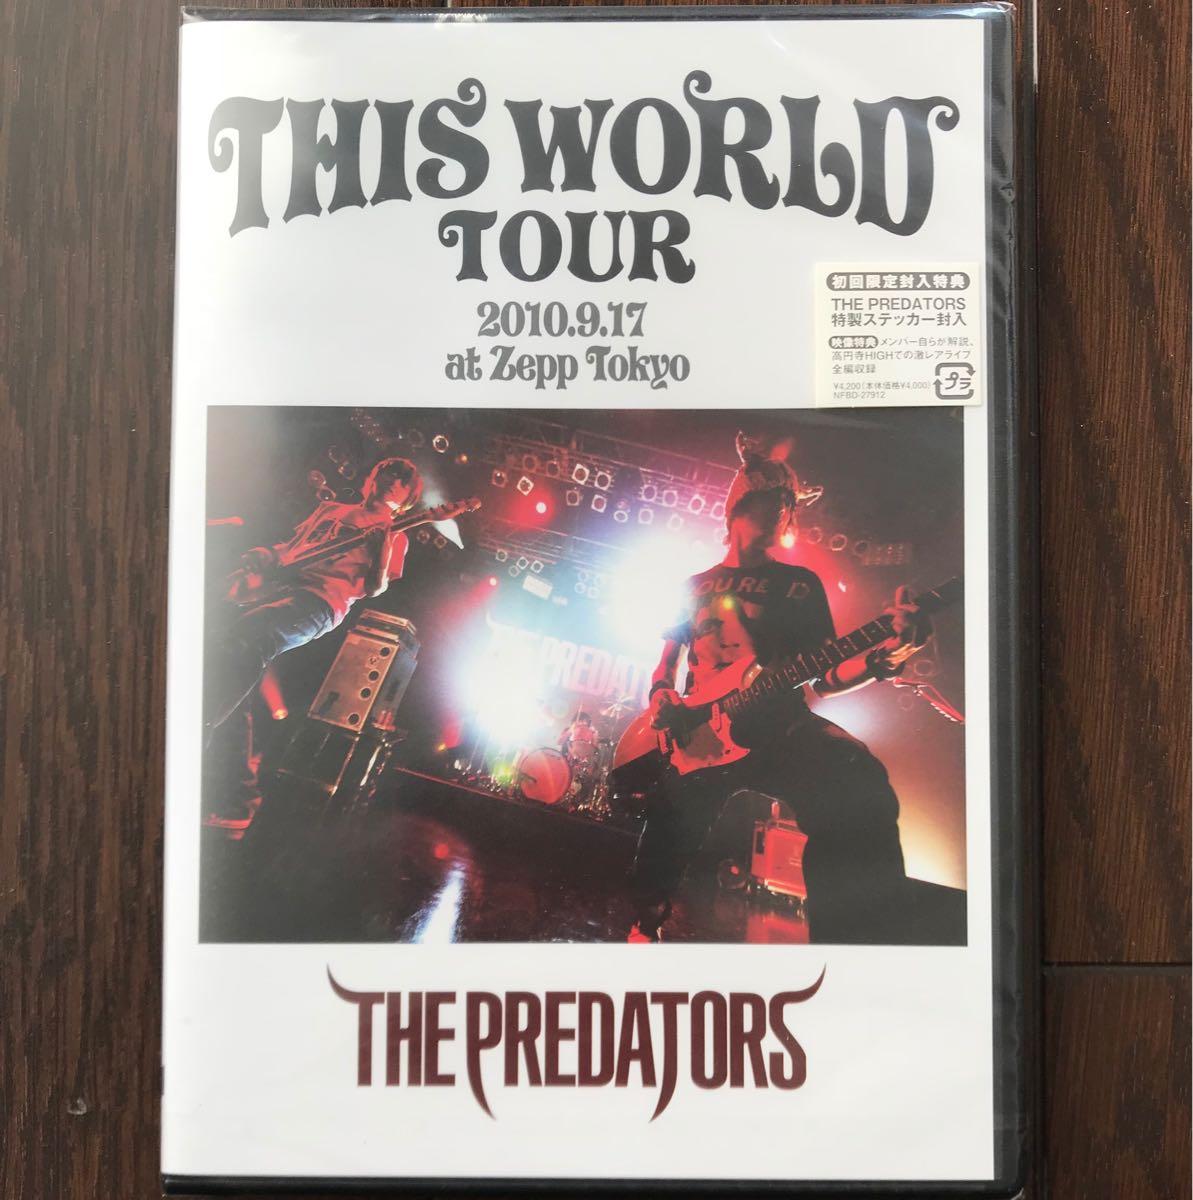 送料無料 新品即決 THE PREDATORS THIS WORLD TOUR 2010.9.17 at Zepp Tokyo DVD 国内正規品 the pillows 山中さわむ GLAY JIRO 高橋宏貴_画像1